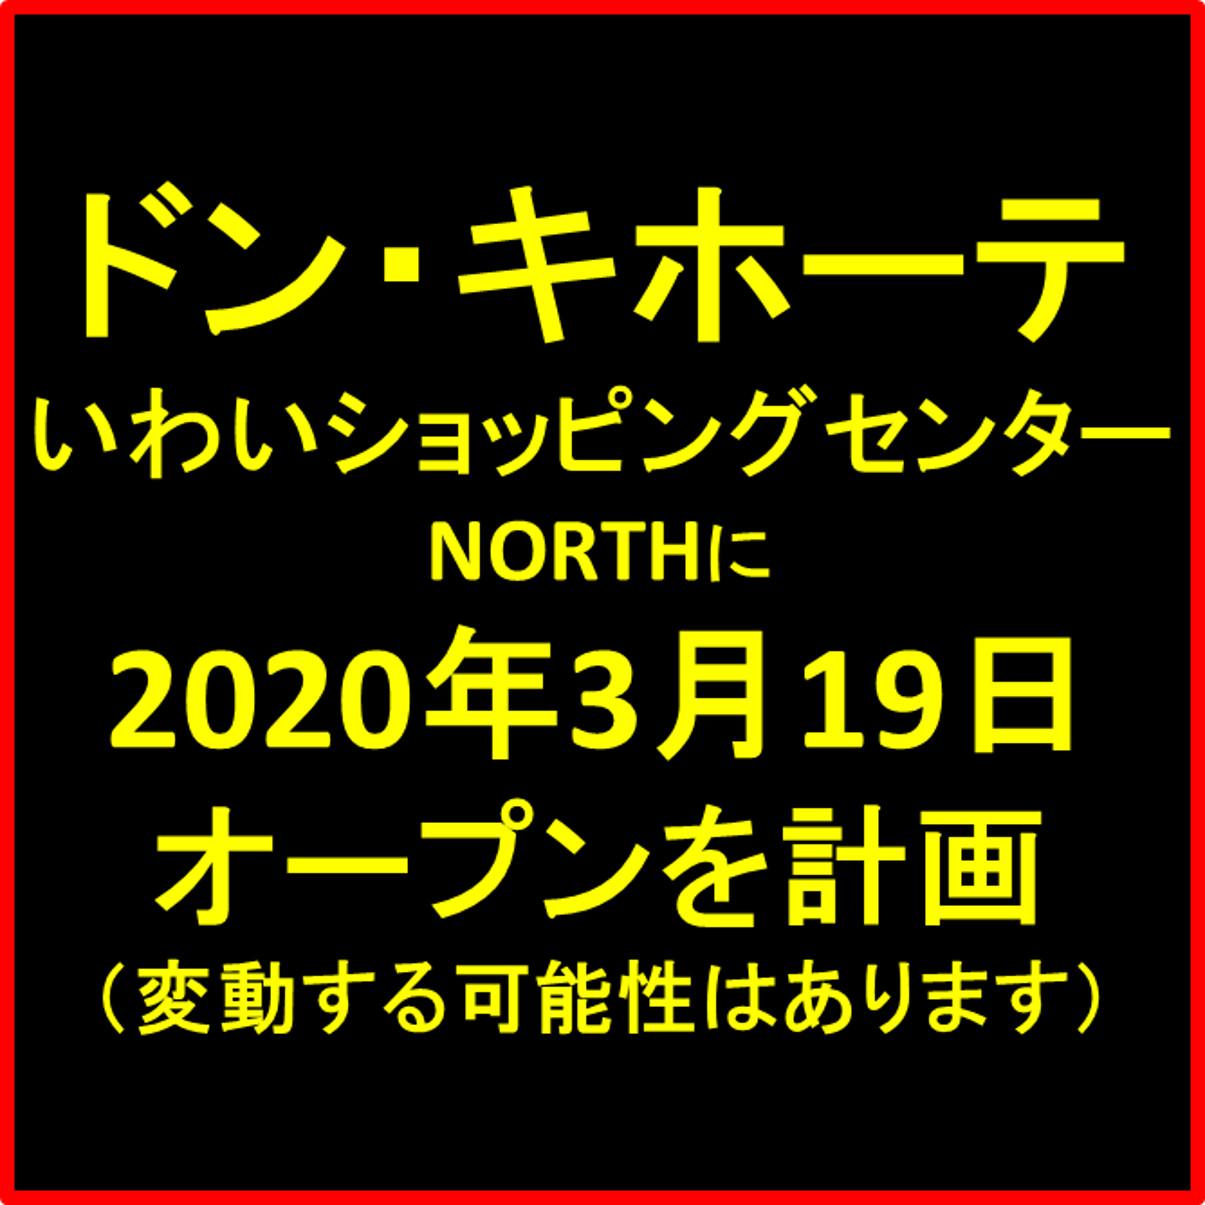 ドンキホーテいわいSC_NORTHに20200319オープン計画アイキャッチ1205